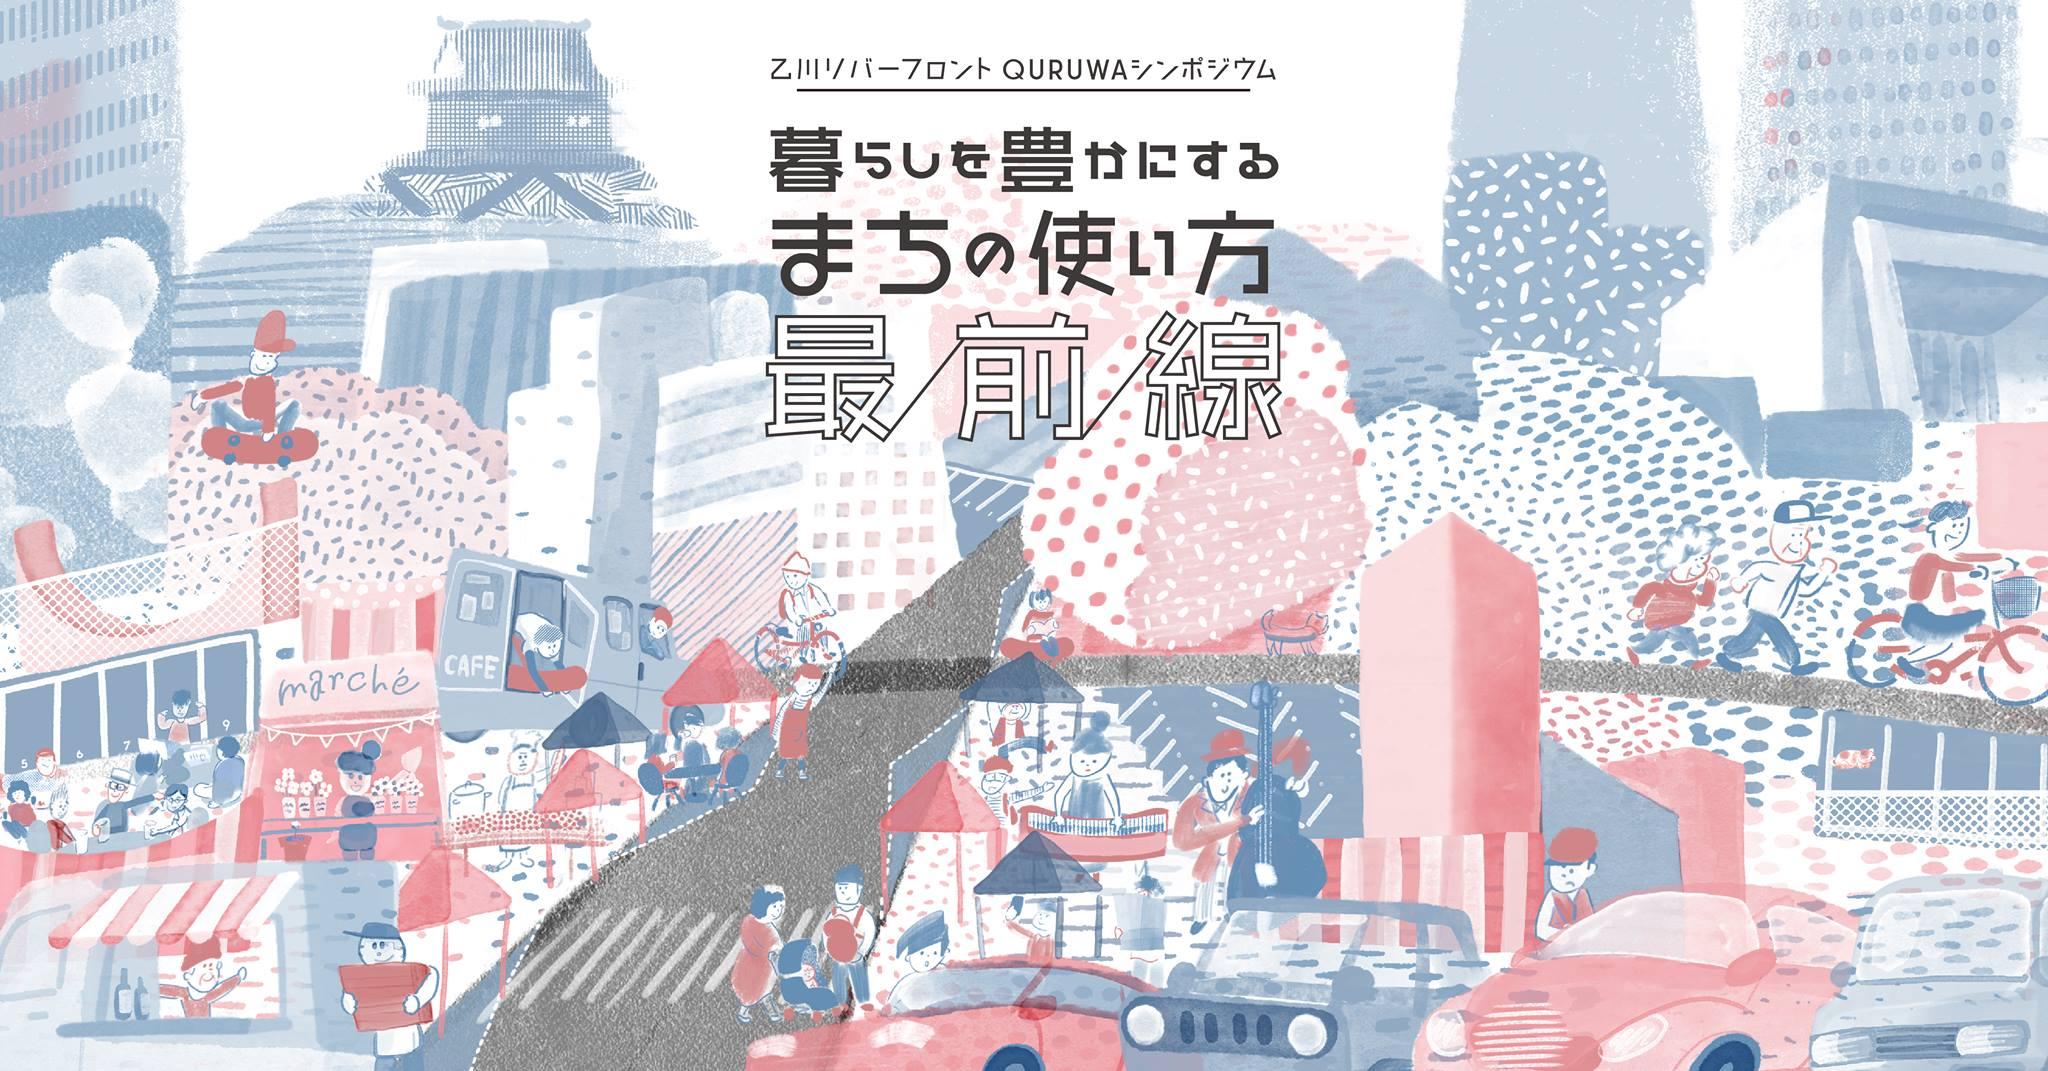 乙川リバーフロントQURUWAシンポジウム「暮らしを豊かにするまちの使い方最前線」